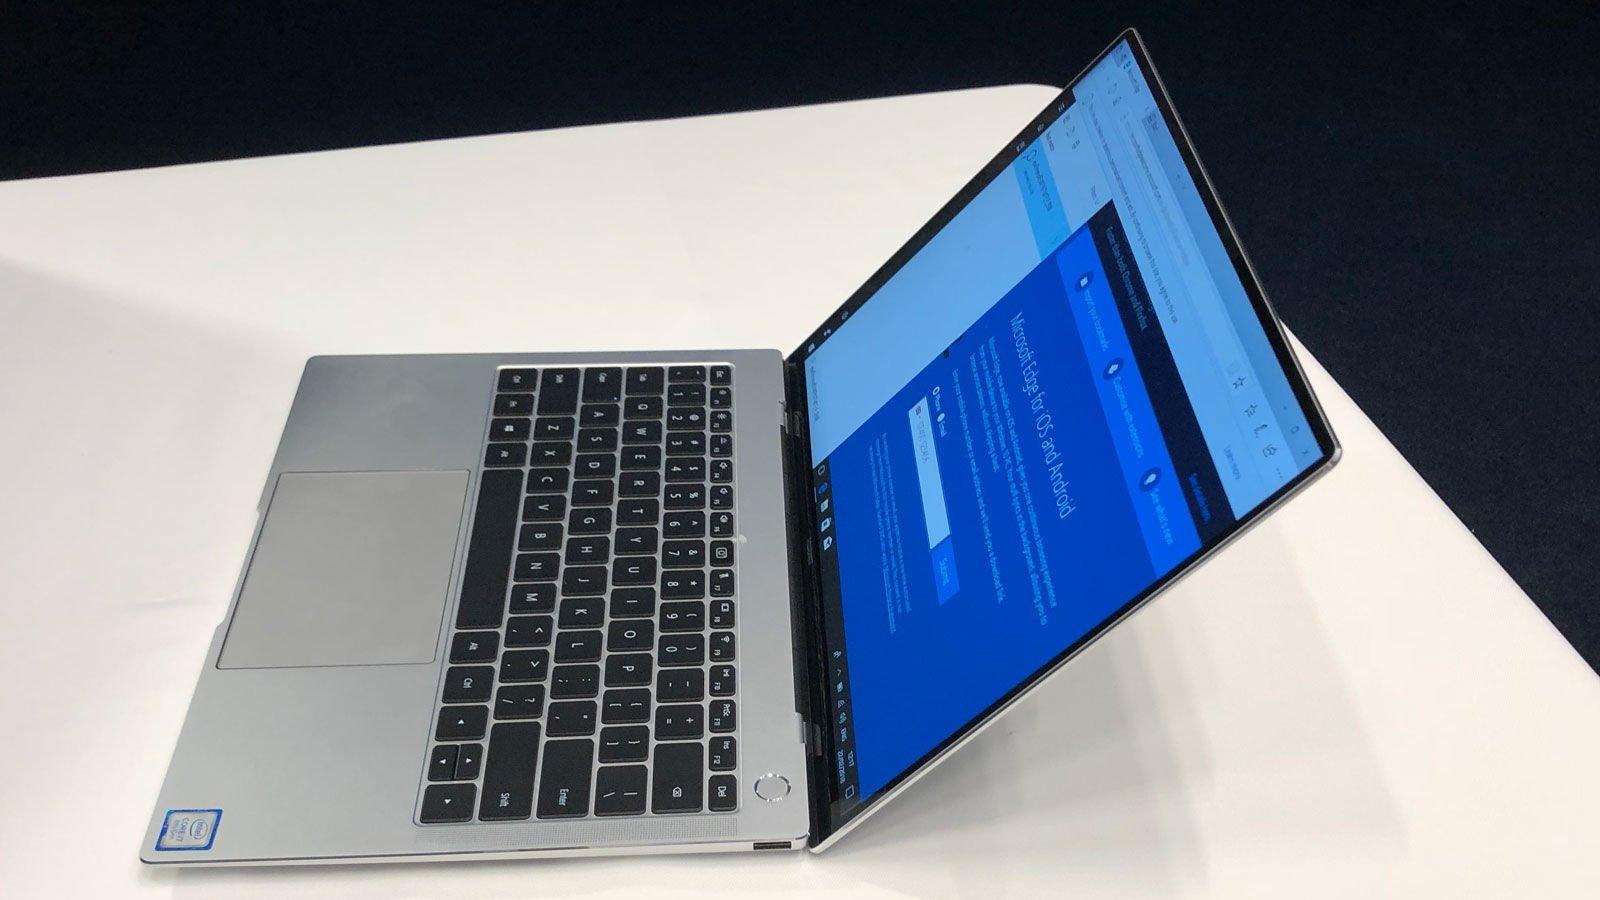 Huawei MateBook Pro prezzo in Italia